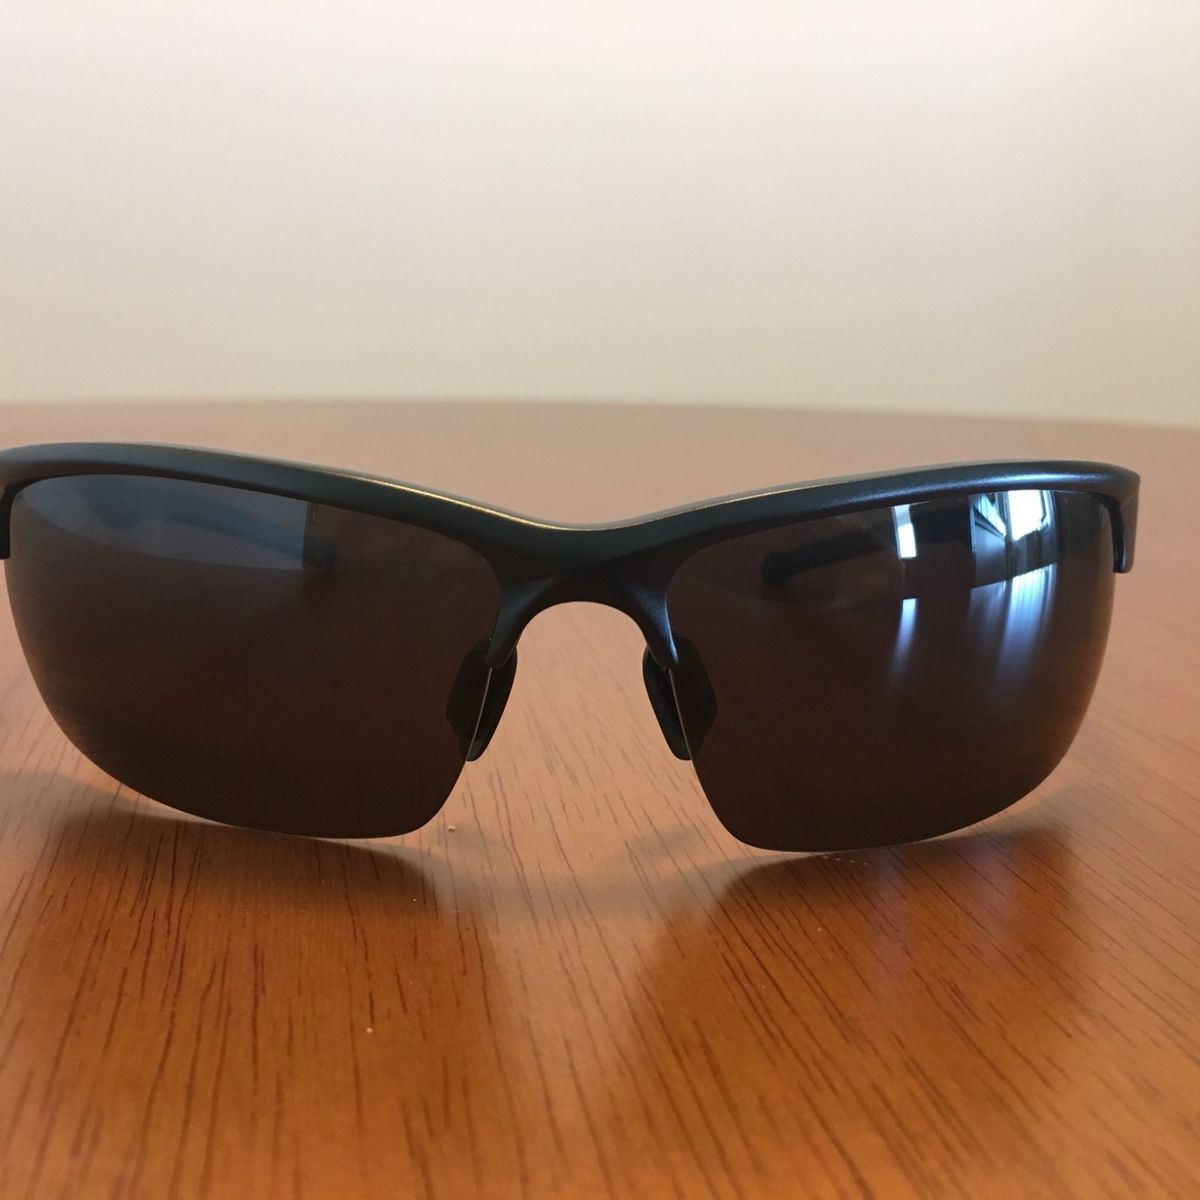 0f5c75d73b3e2 Óculos de Sol Triton Aluminum Pla023 Lente Polarizada